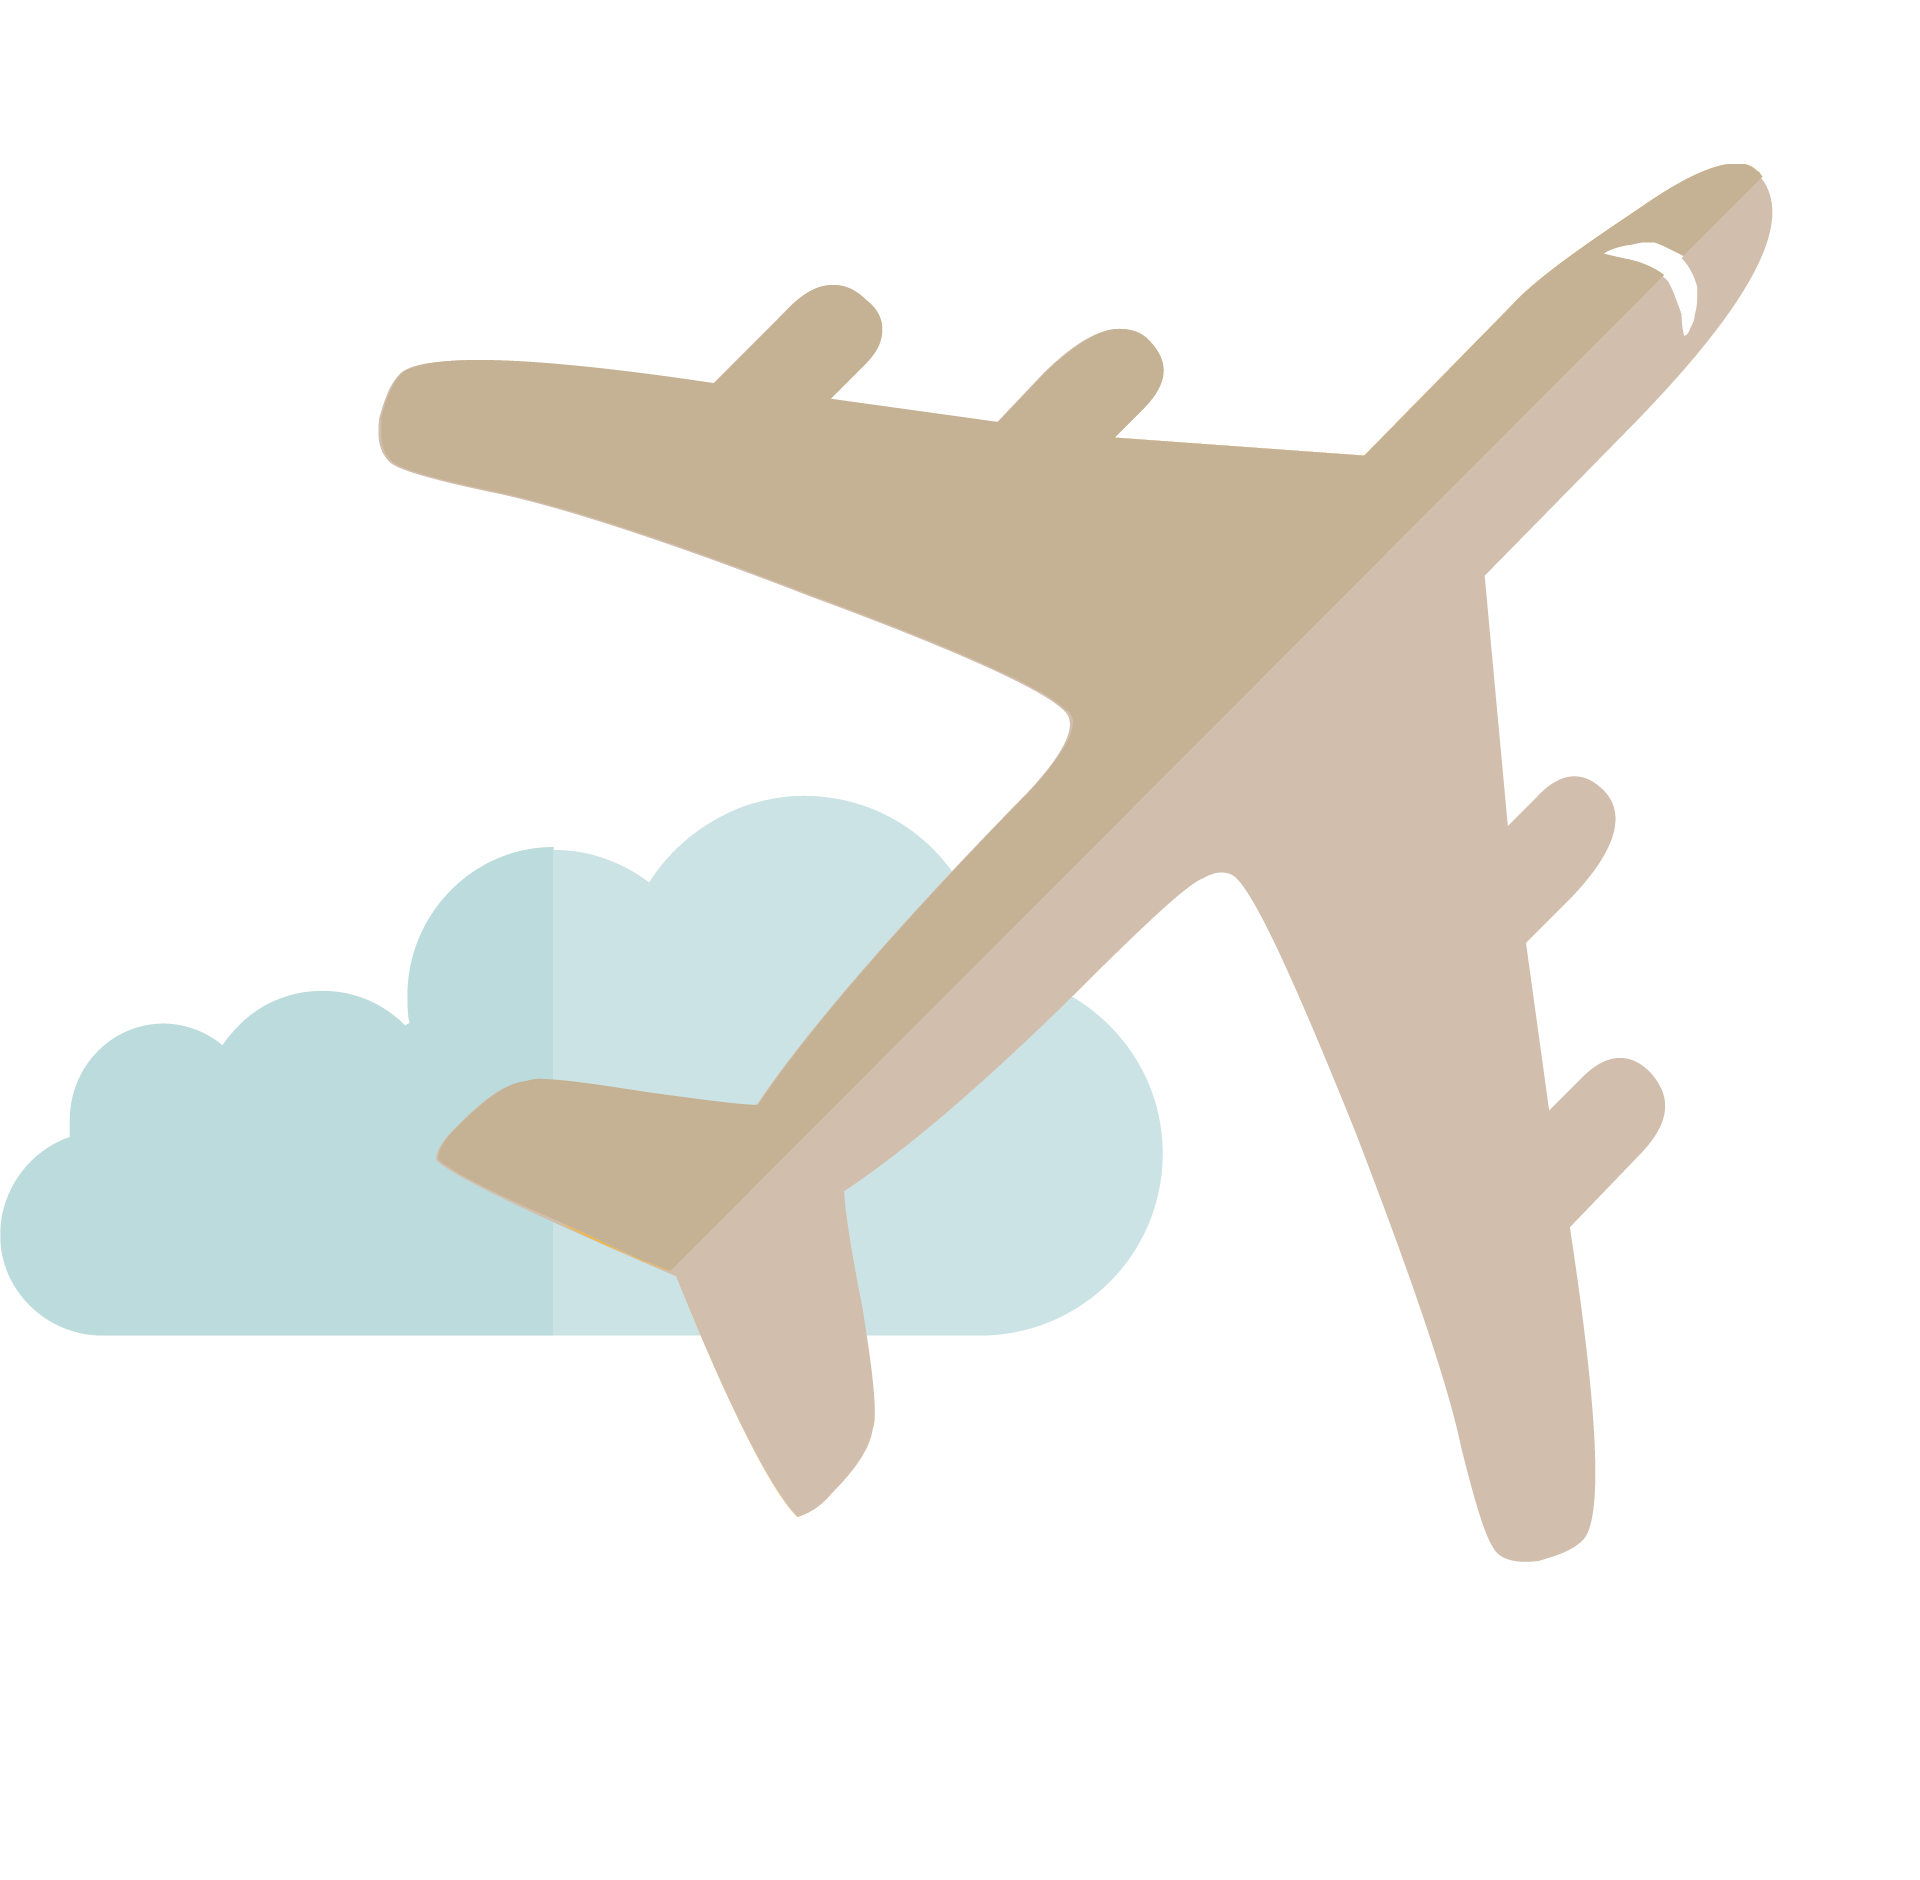 Flight aircraft clip art. Transportation clipart airplane symbol